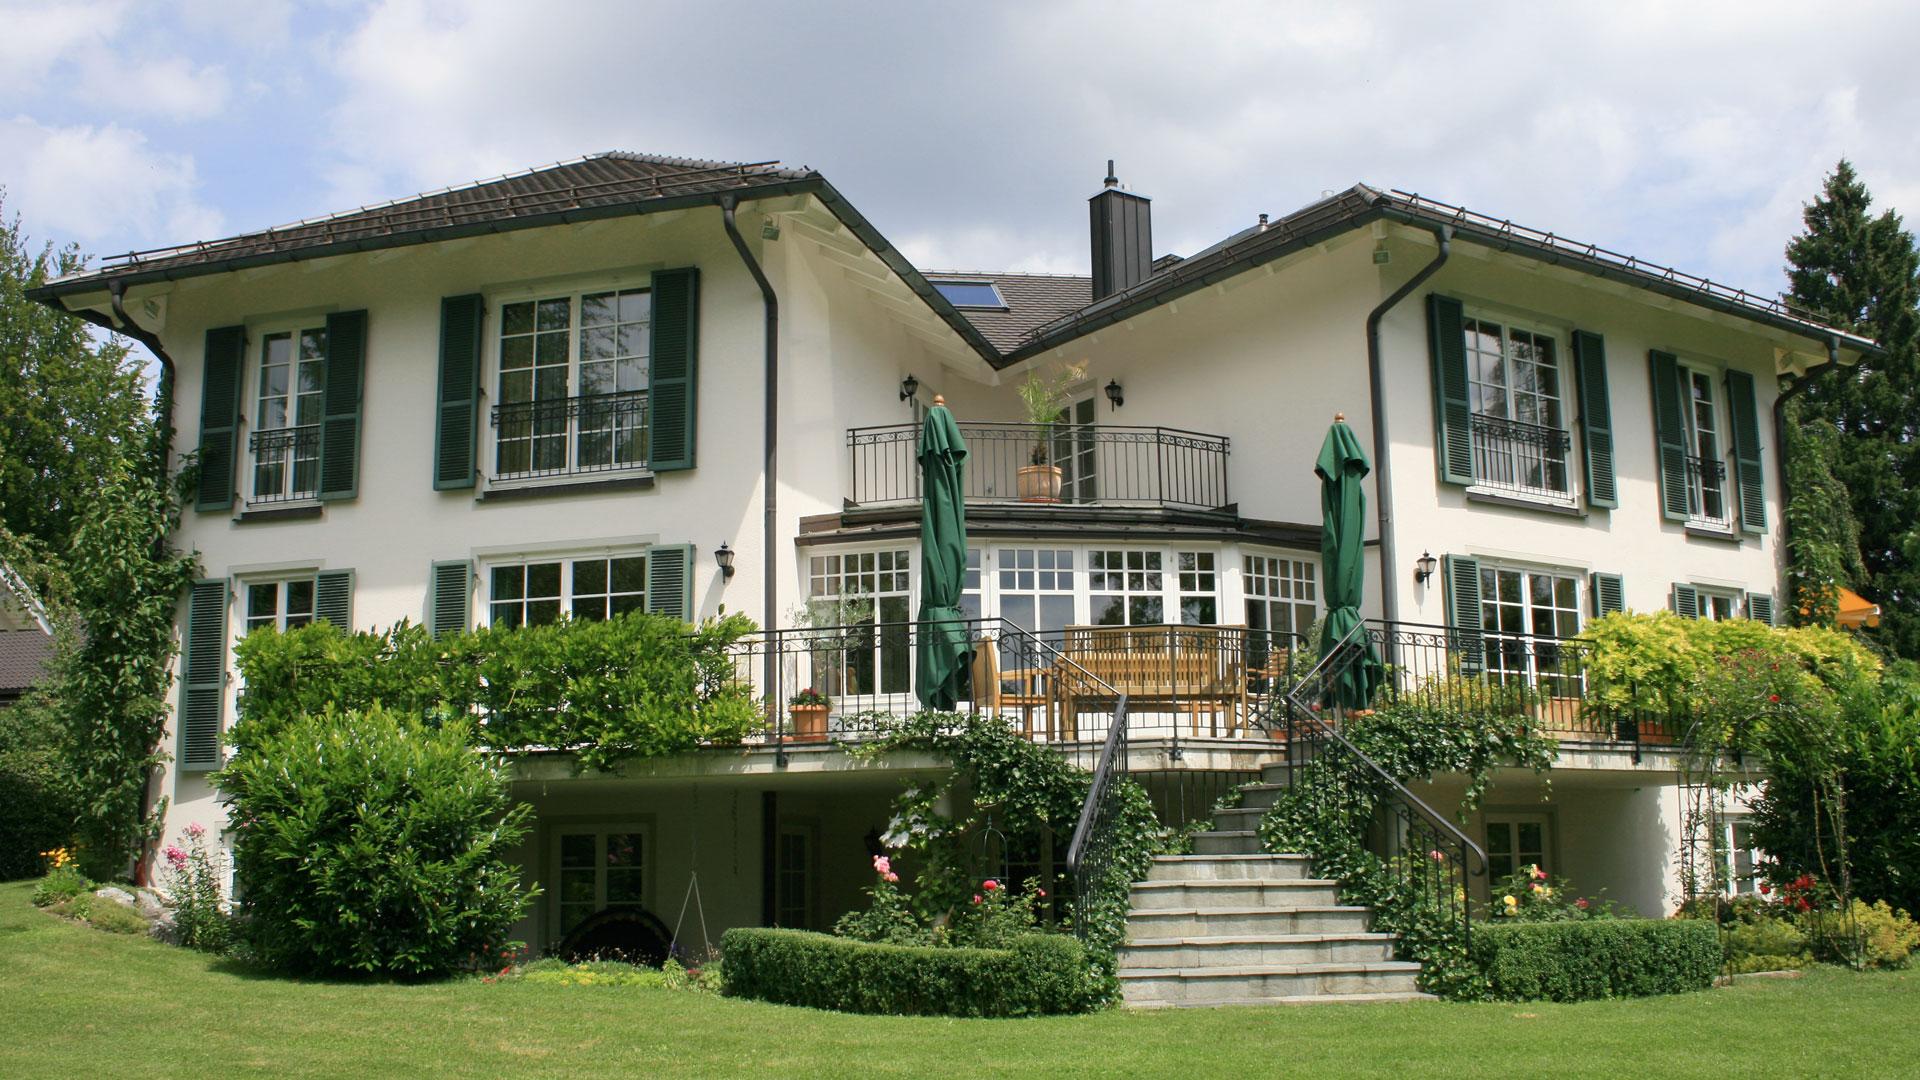 """Einfamilienhaus, Tutzing - Familie Steinmüller: """"Das Bauen war eine Freude"""""""